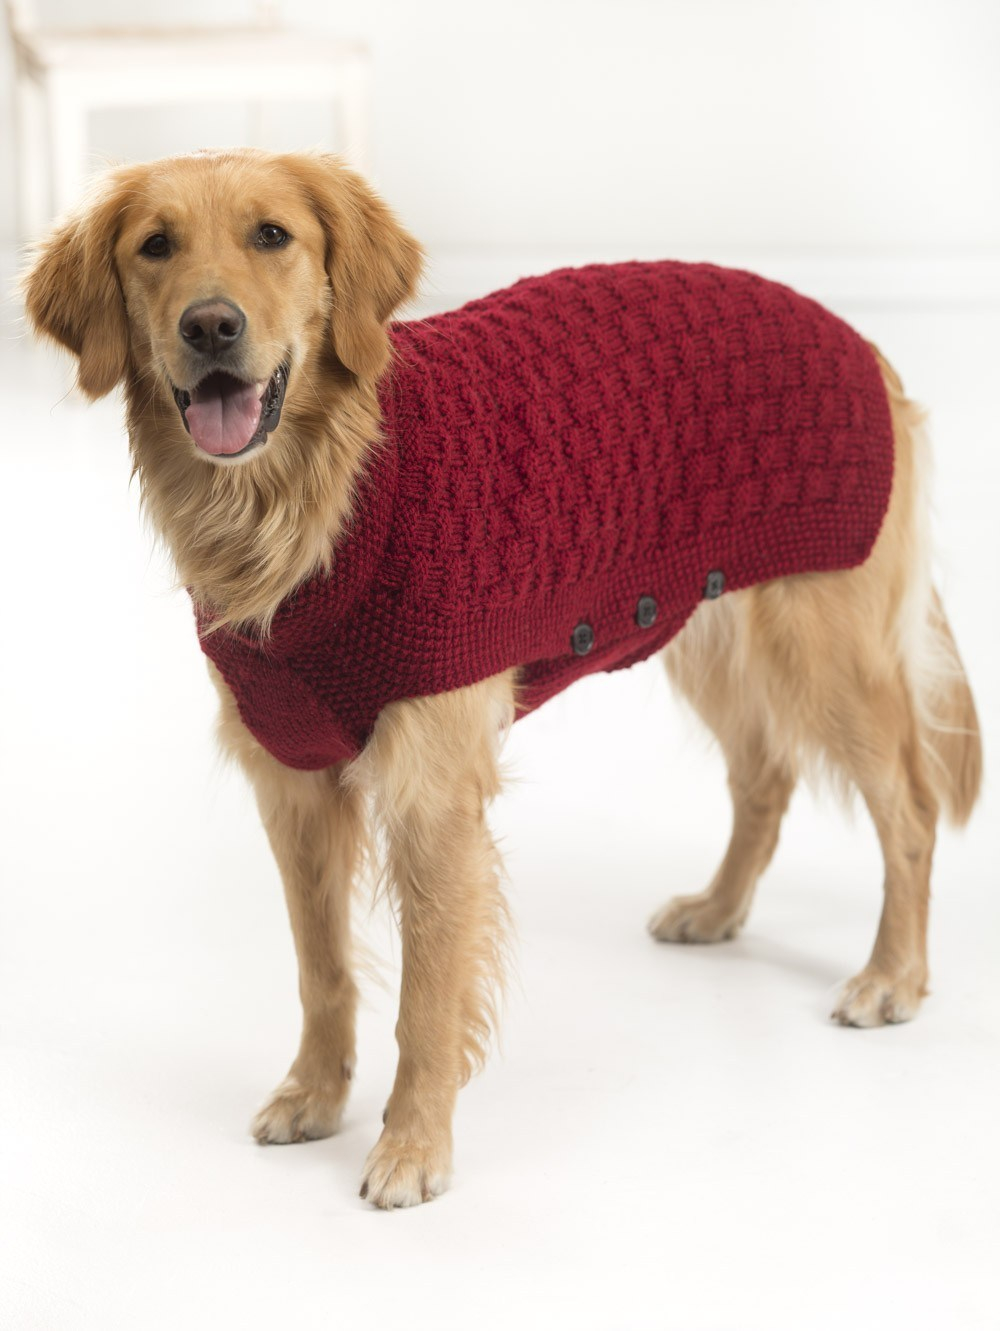 Dog Sweater Knitting Pattern 10 Stunning Examples Of Beautiful Fall Dog Sweaters Free Knitting